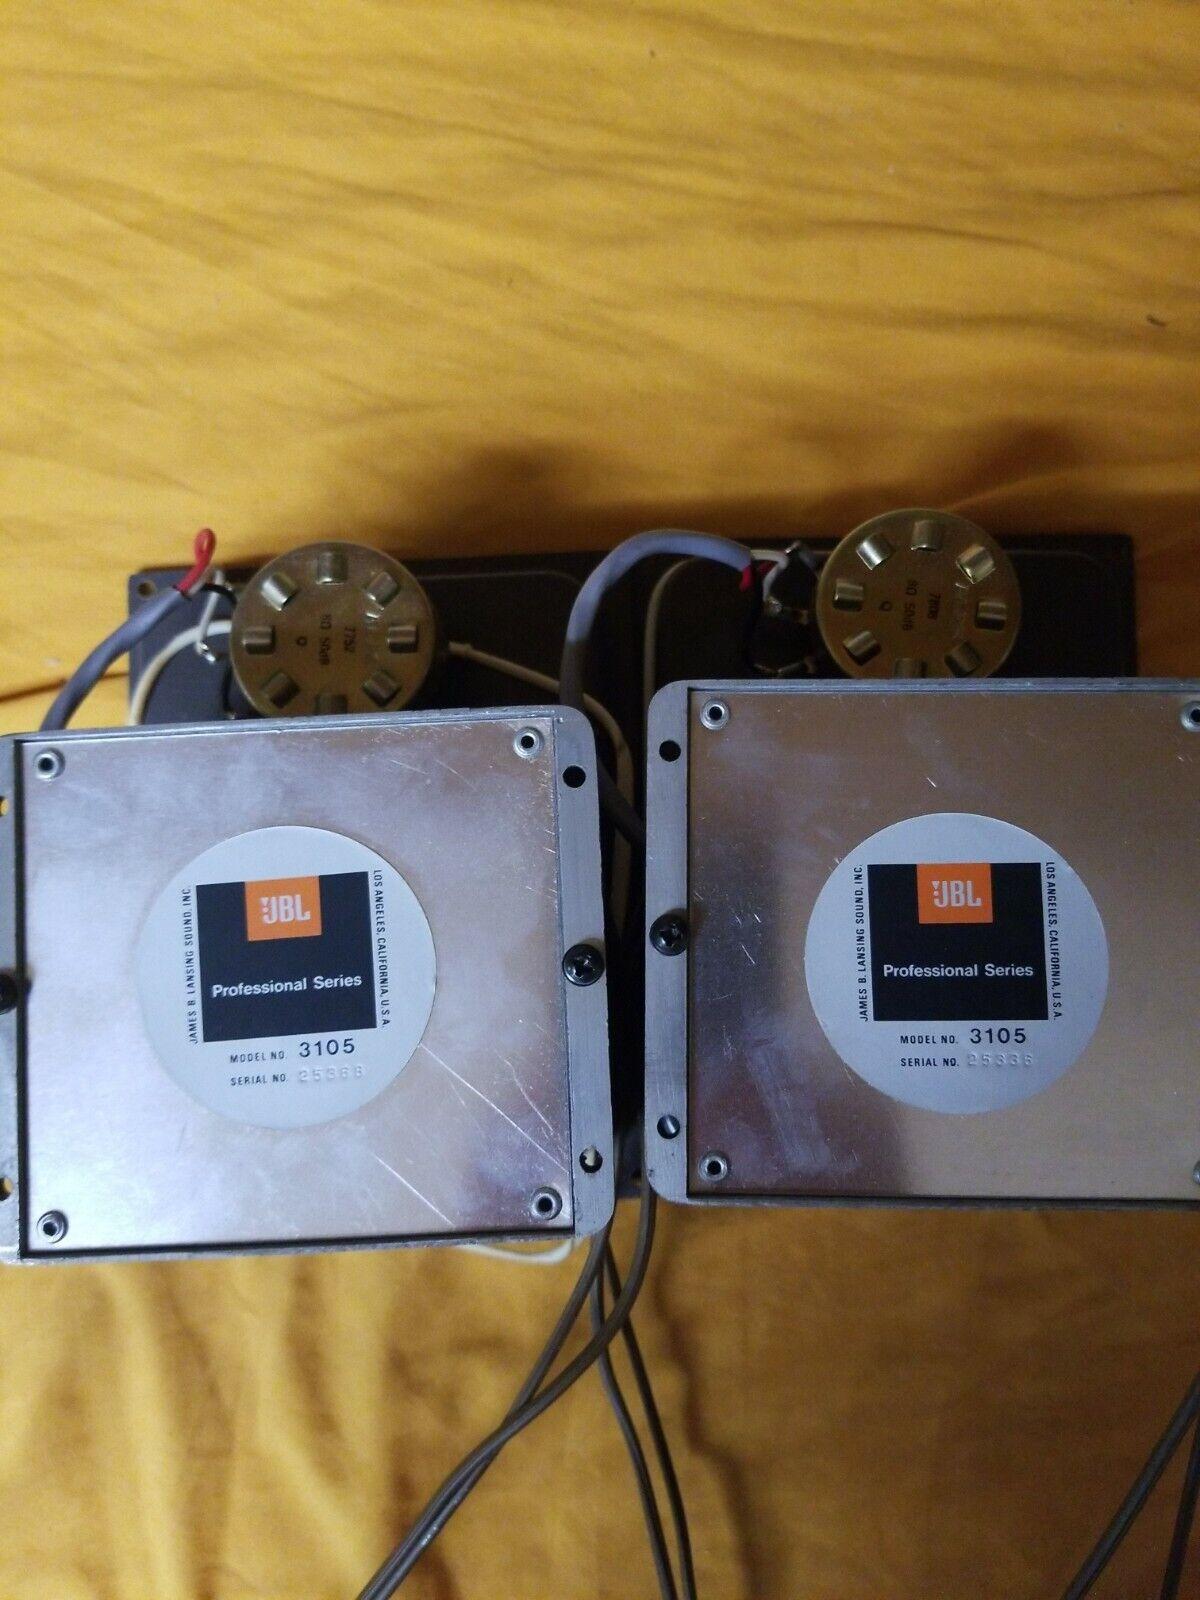 s l1600 - JBL 3105 Crossover for Speakers 075 D130 D131 D123 C36 C38 N7000 1654 Vintage